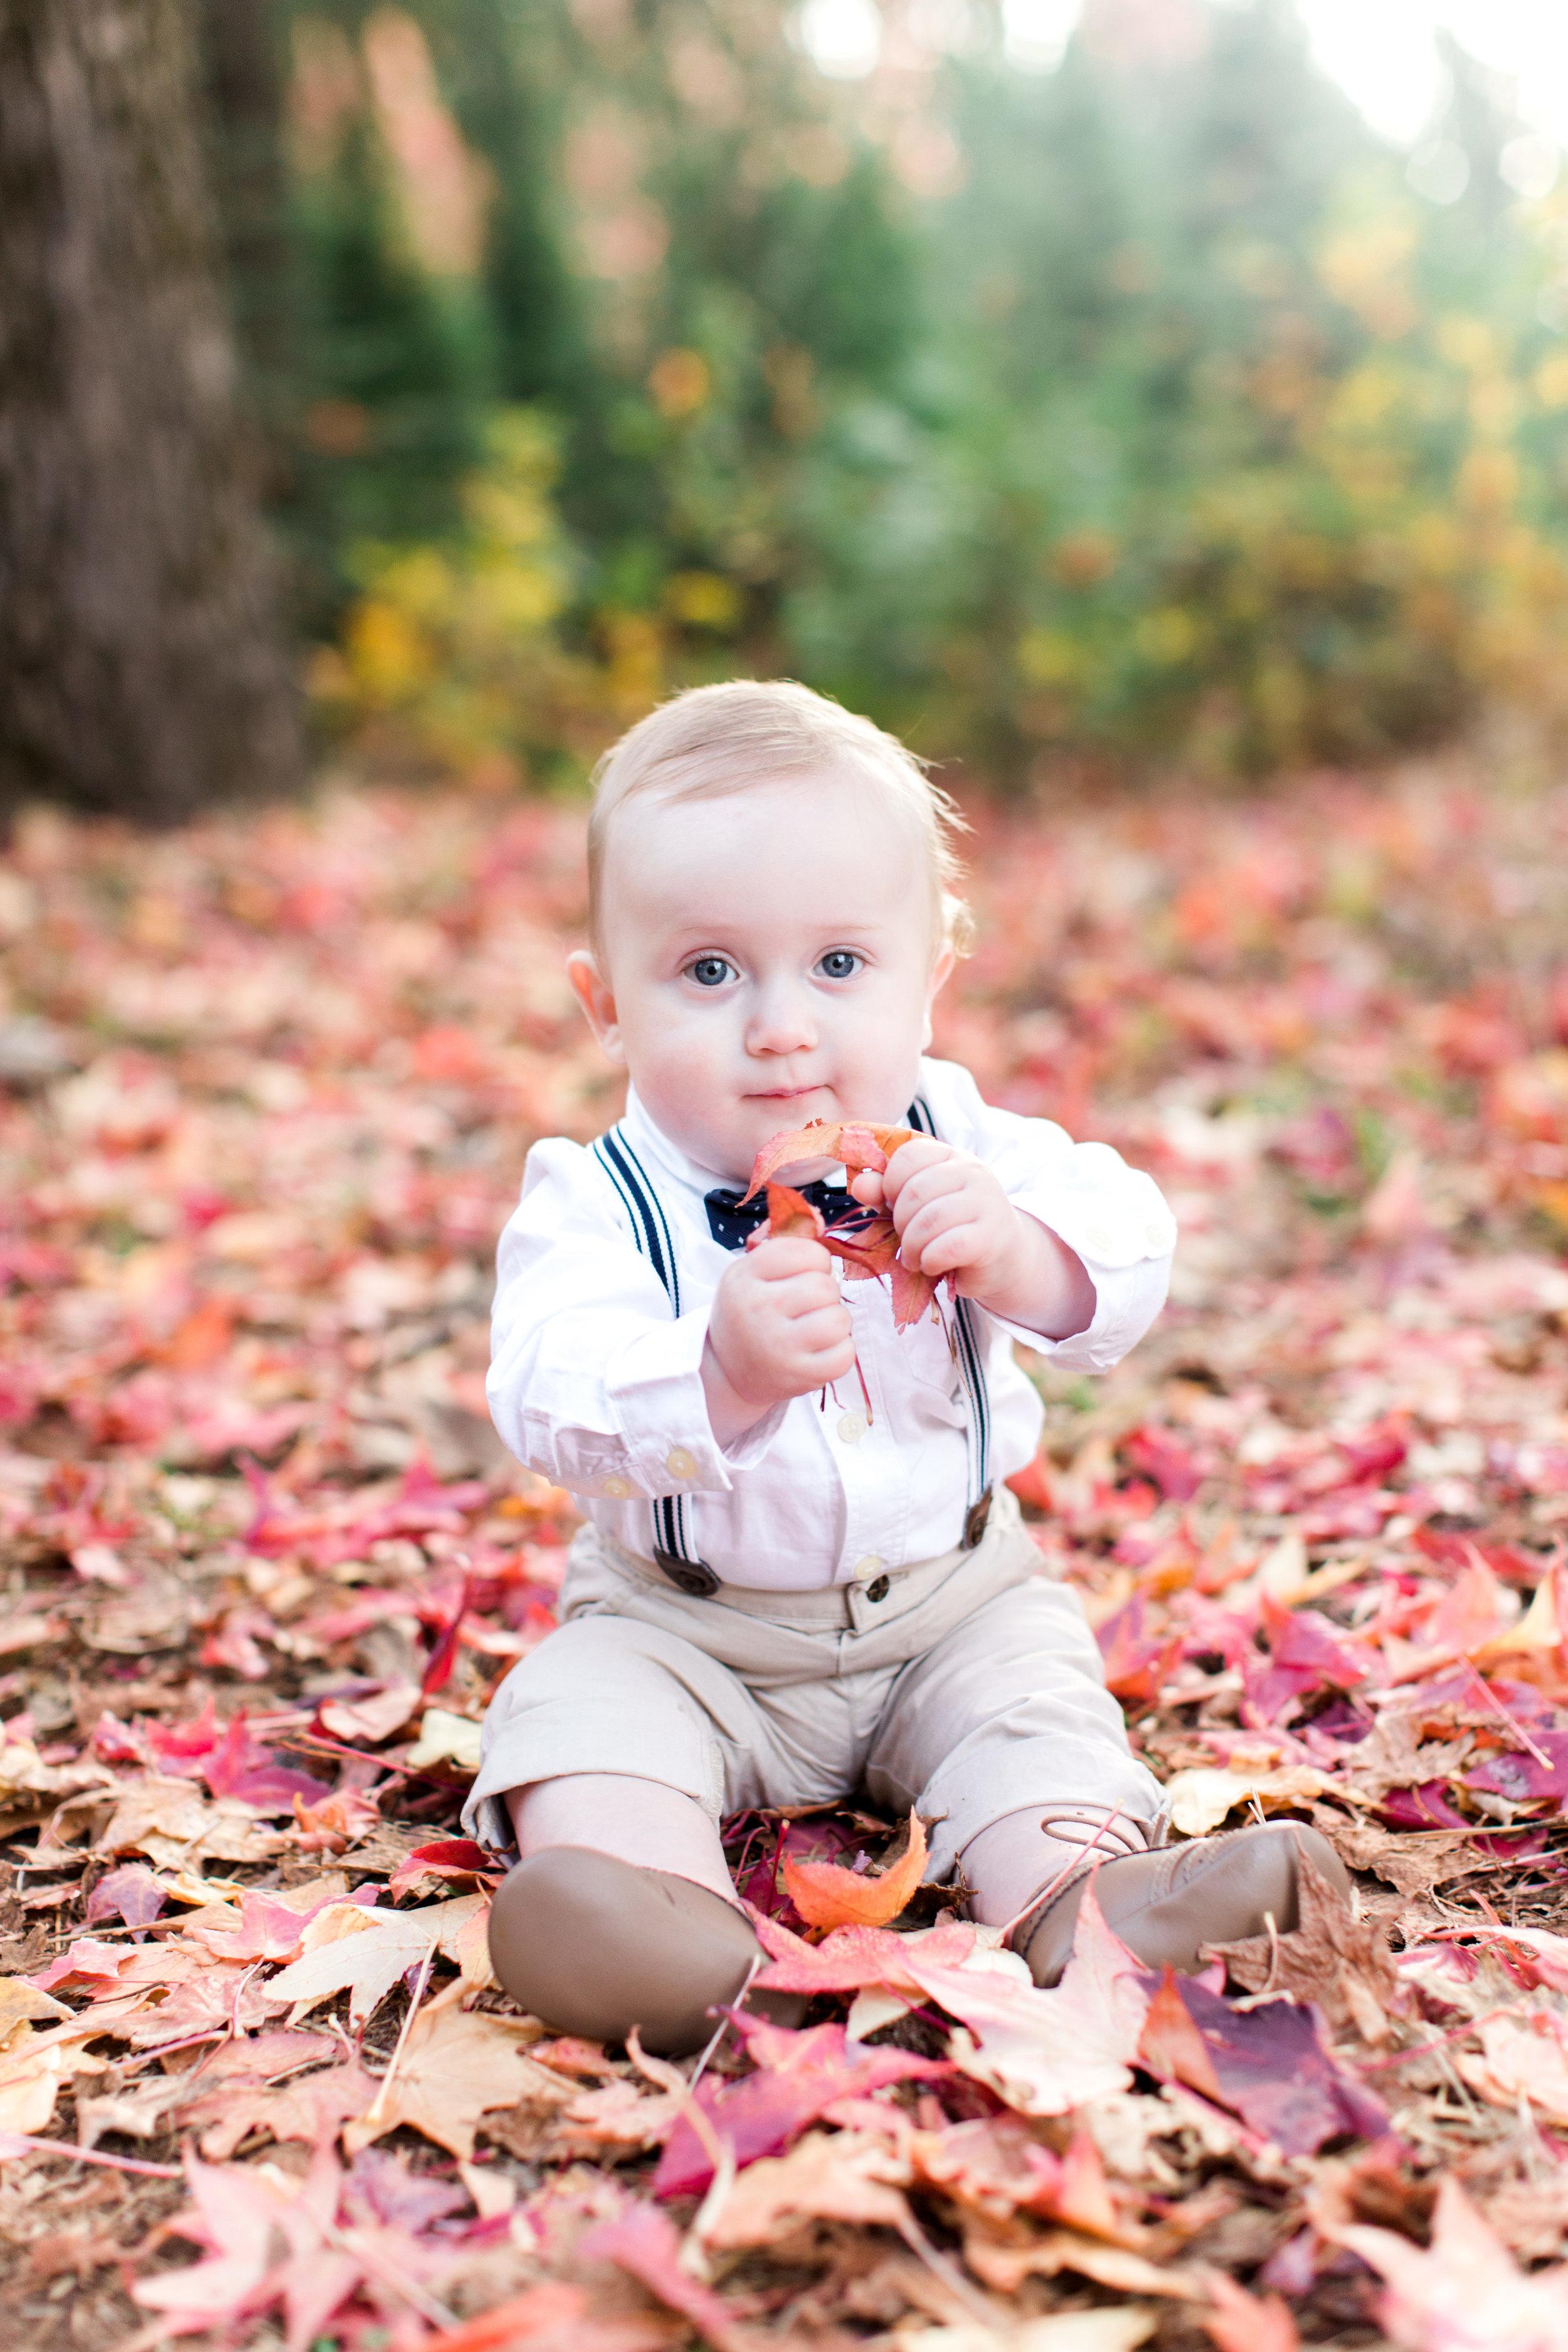 apple-hill-family-shoot-7.jpg